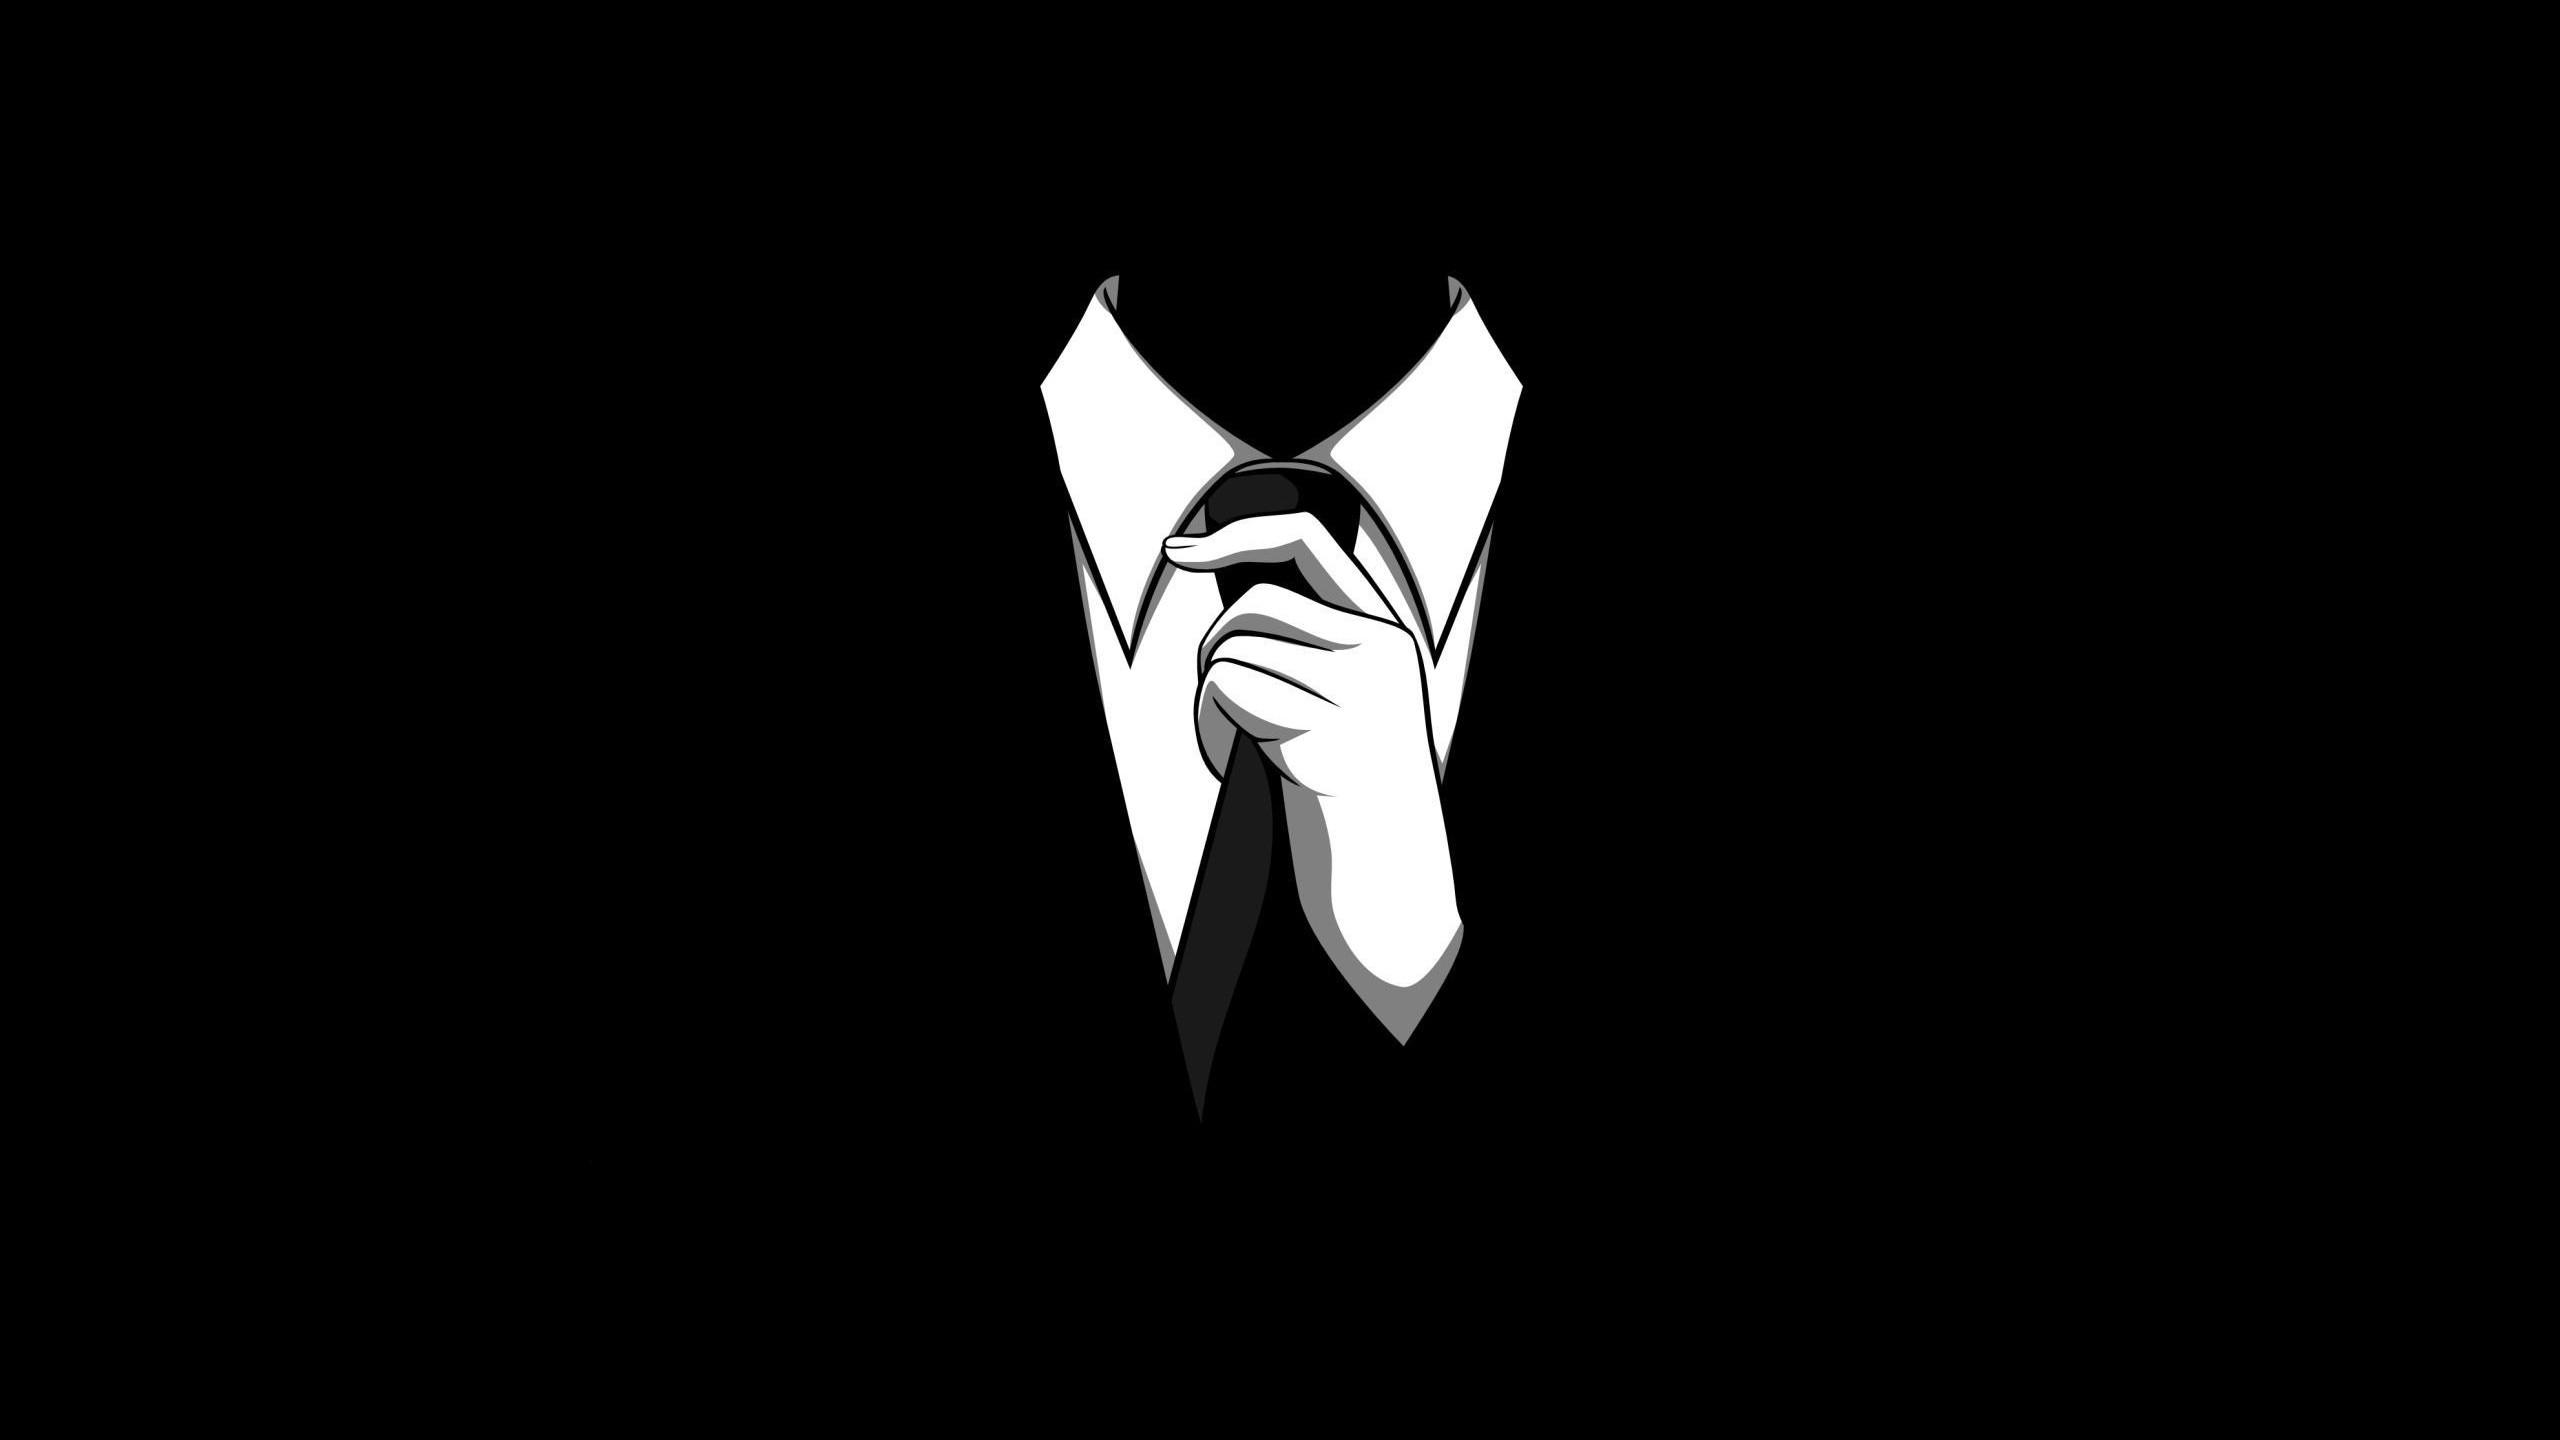 ábra monokróm fekete ruházat logo ruhák nyakkendő Névtelen szárny denevér  háttérképként fekete és fehér monokróm fényképezés 99bf20971b